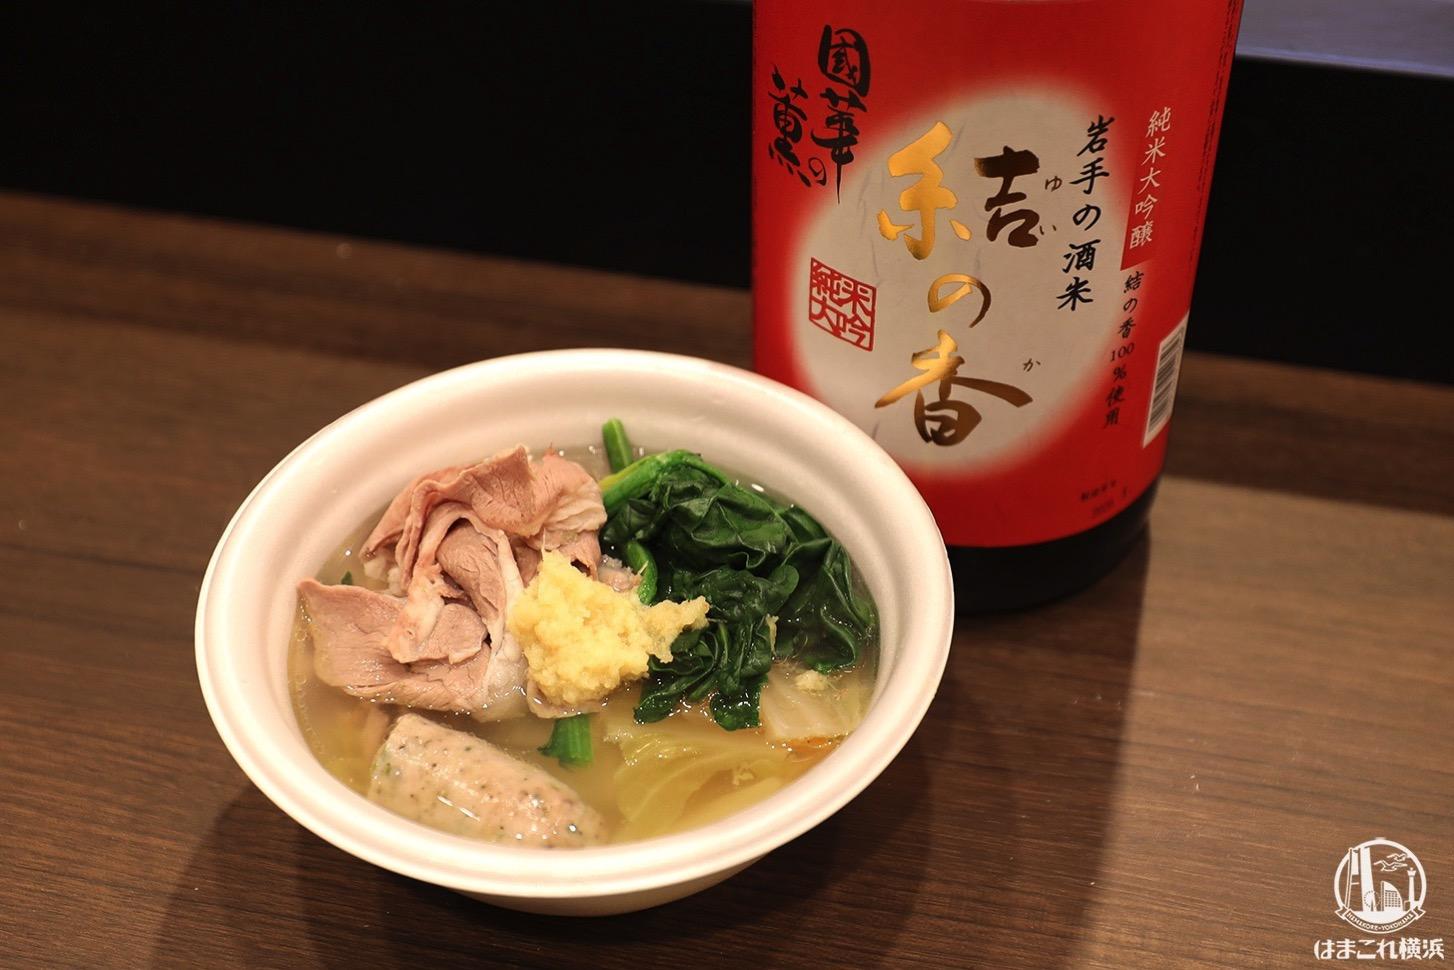 ラム生姜鍋と純米大吟醸 國華の薫 結の香